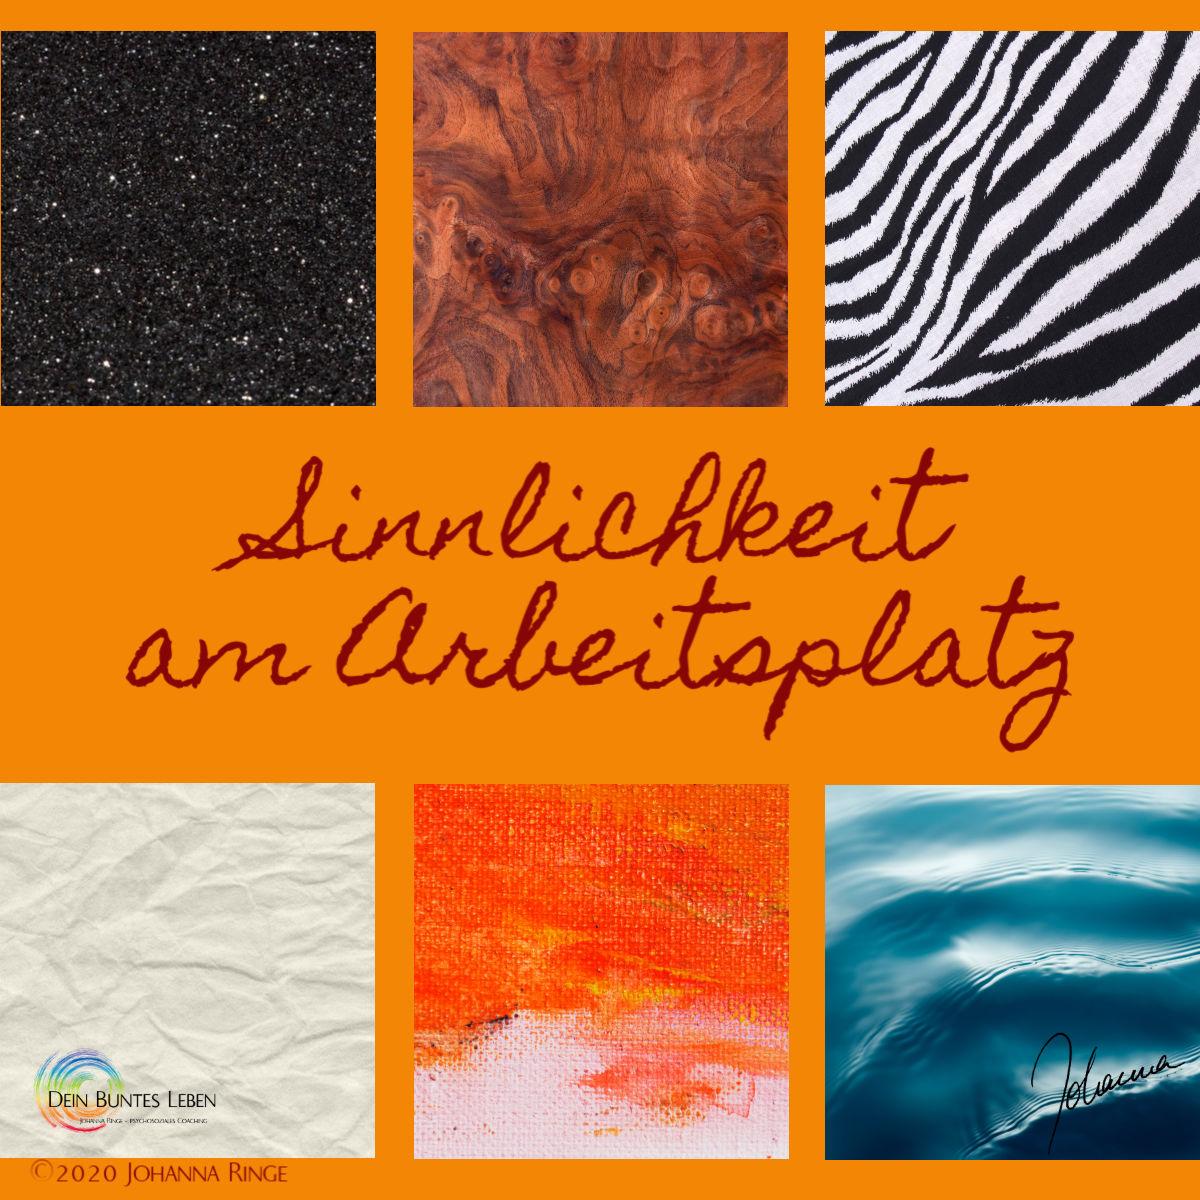 Sinnlichkeit am Arbeitsplatz (Bilder verschiedener Texturen und Farben) ©Johanna Ringe www.dein-buntes-leben.de